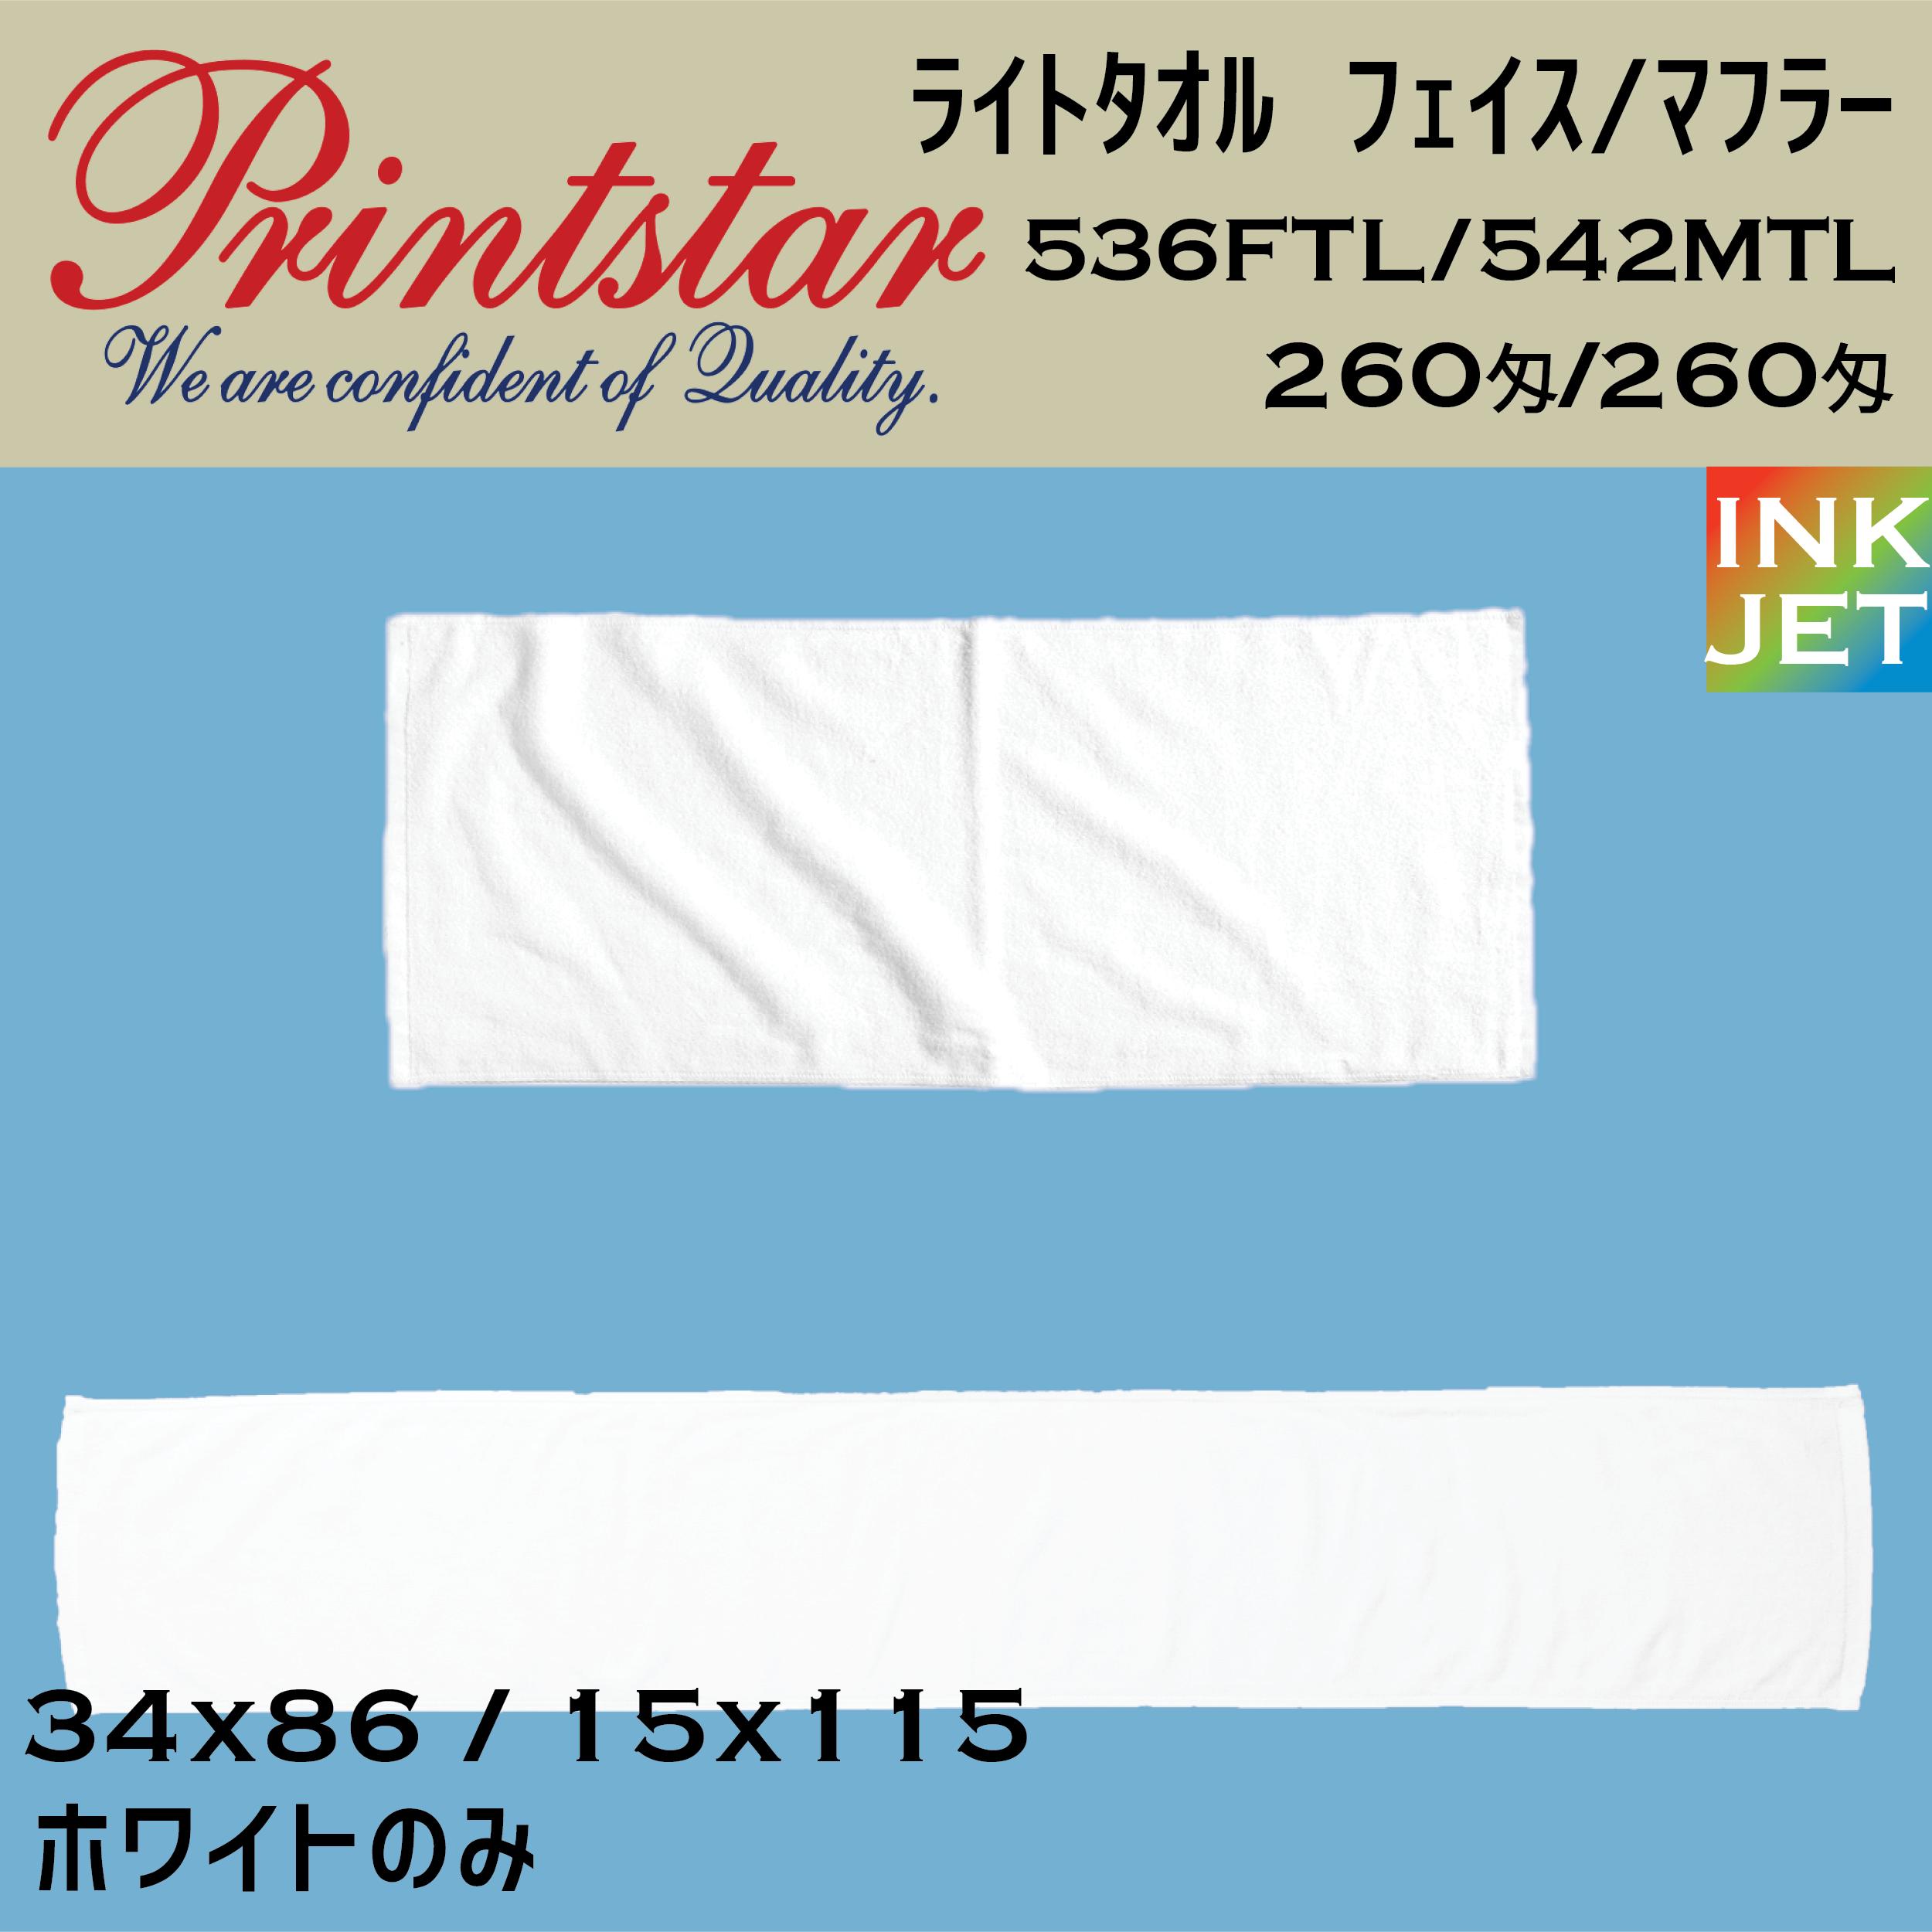 ライトタオル(フェイス/マフラー)  00536FTL/00542MTL  ホワイト【本体+プリント代】